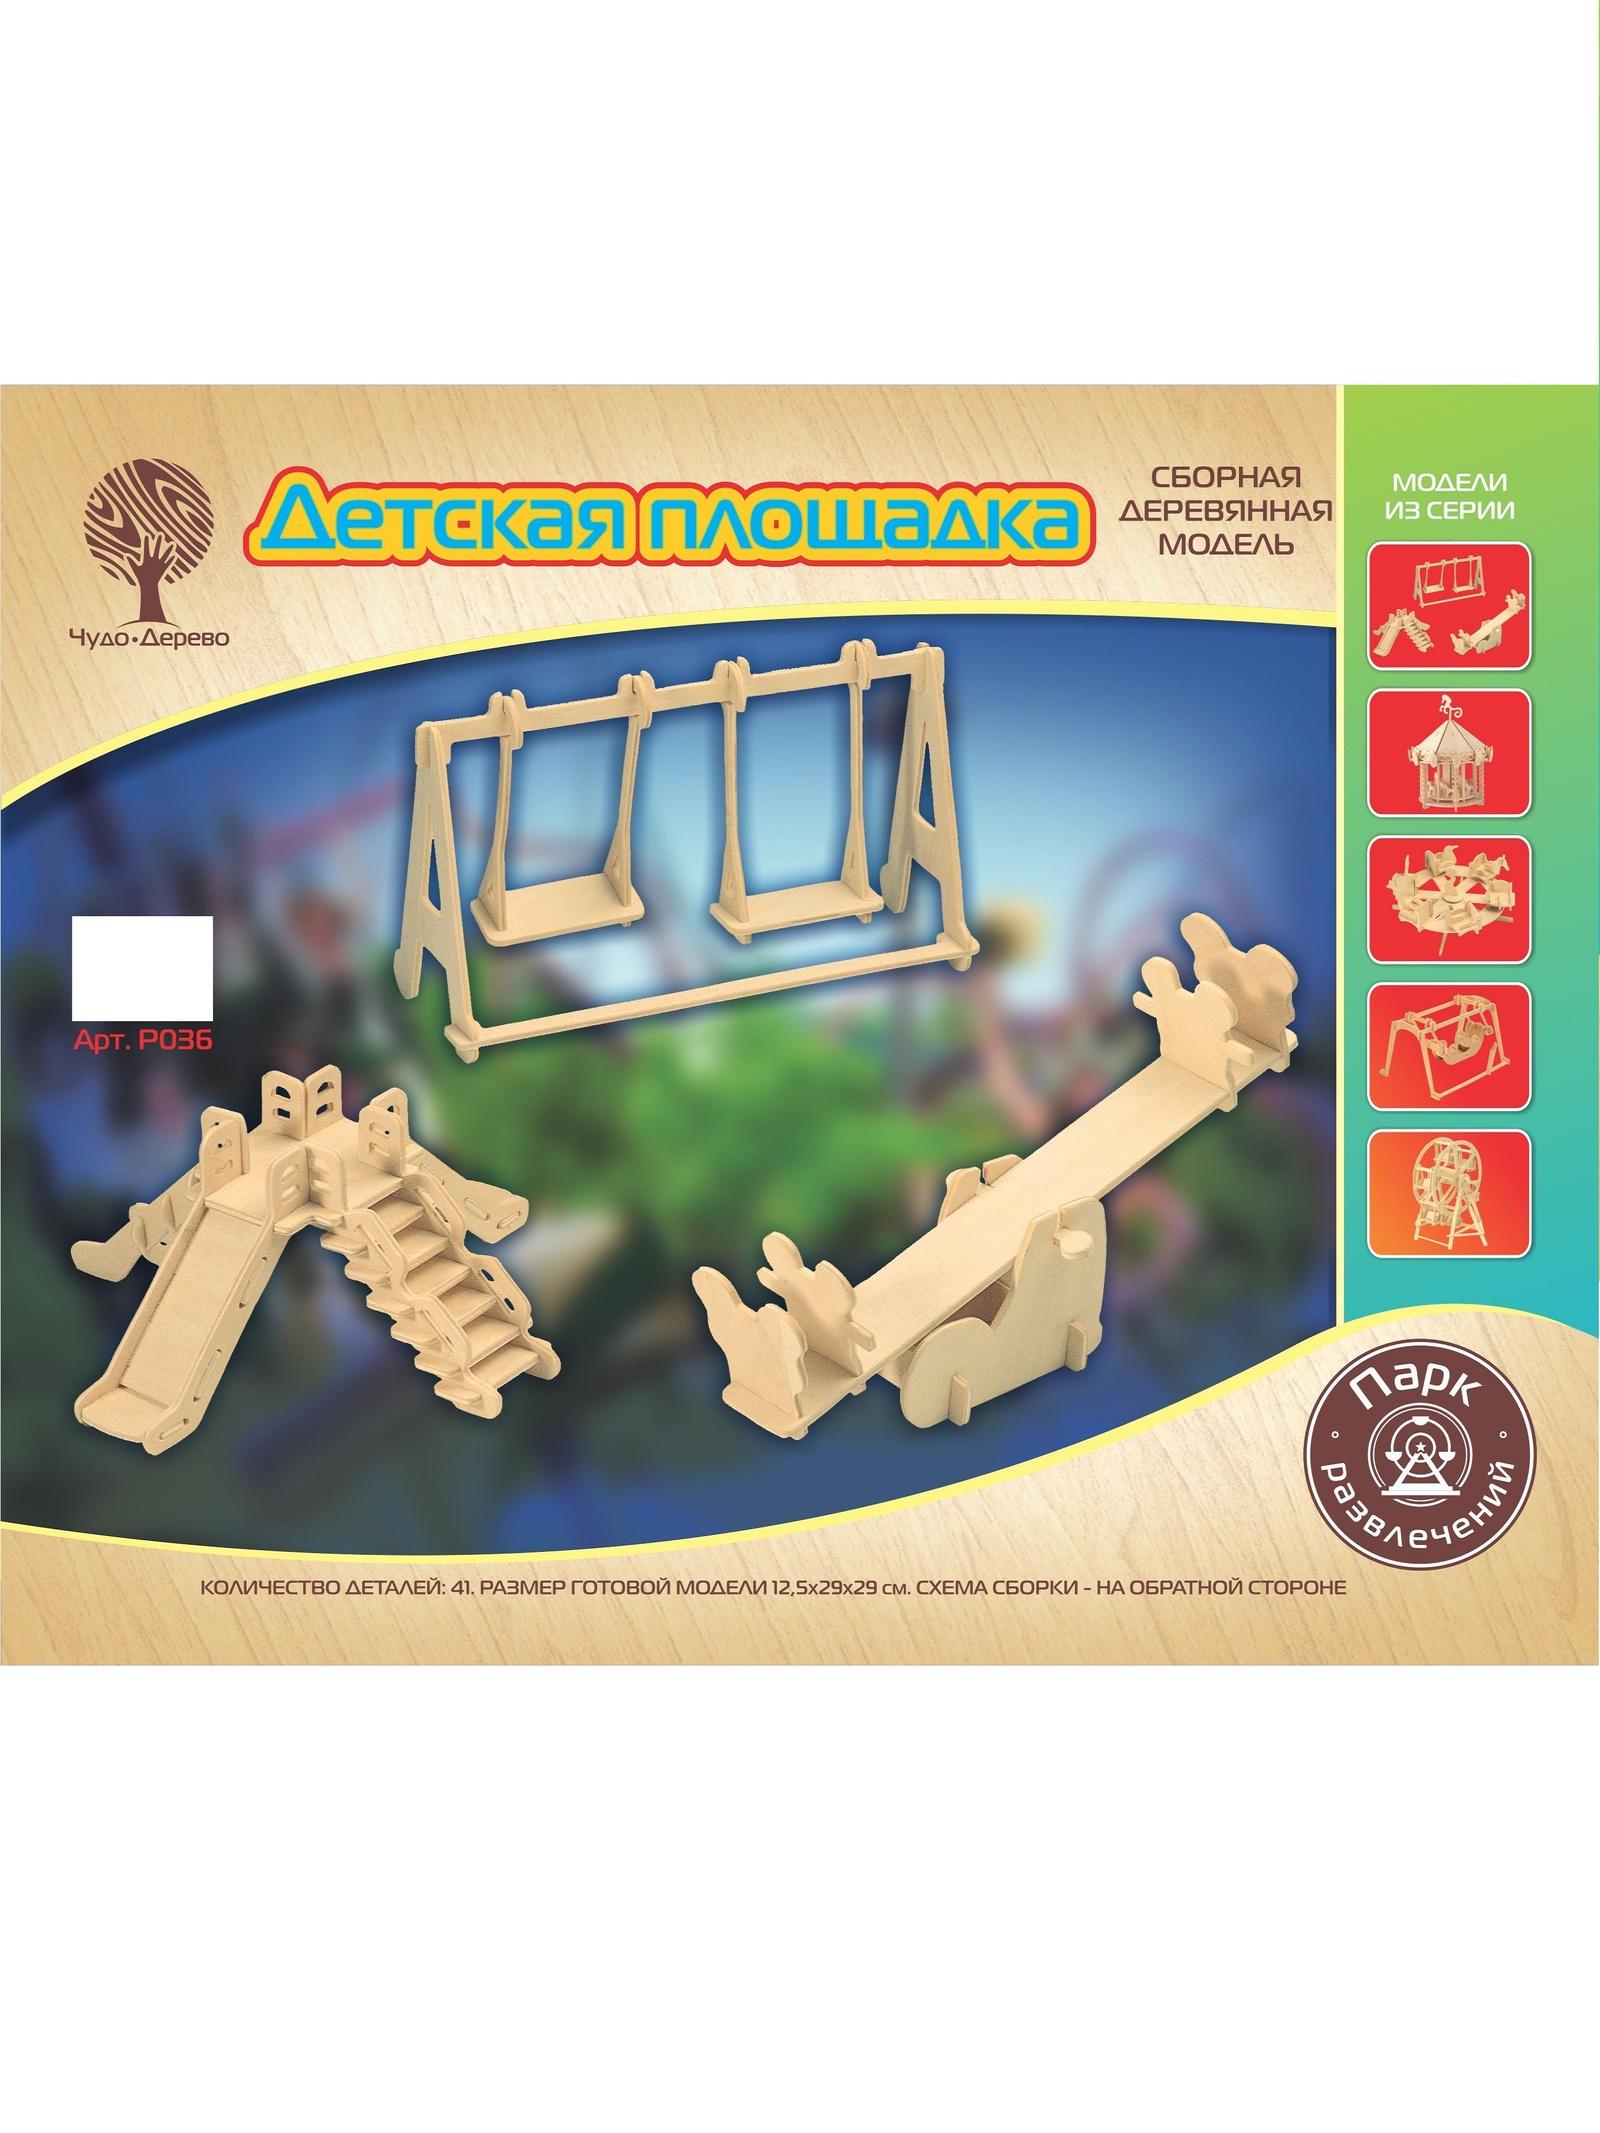 Деревянный конструктор Чудо-дерево Детская площадка, P036